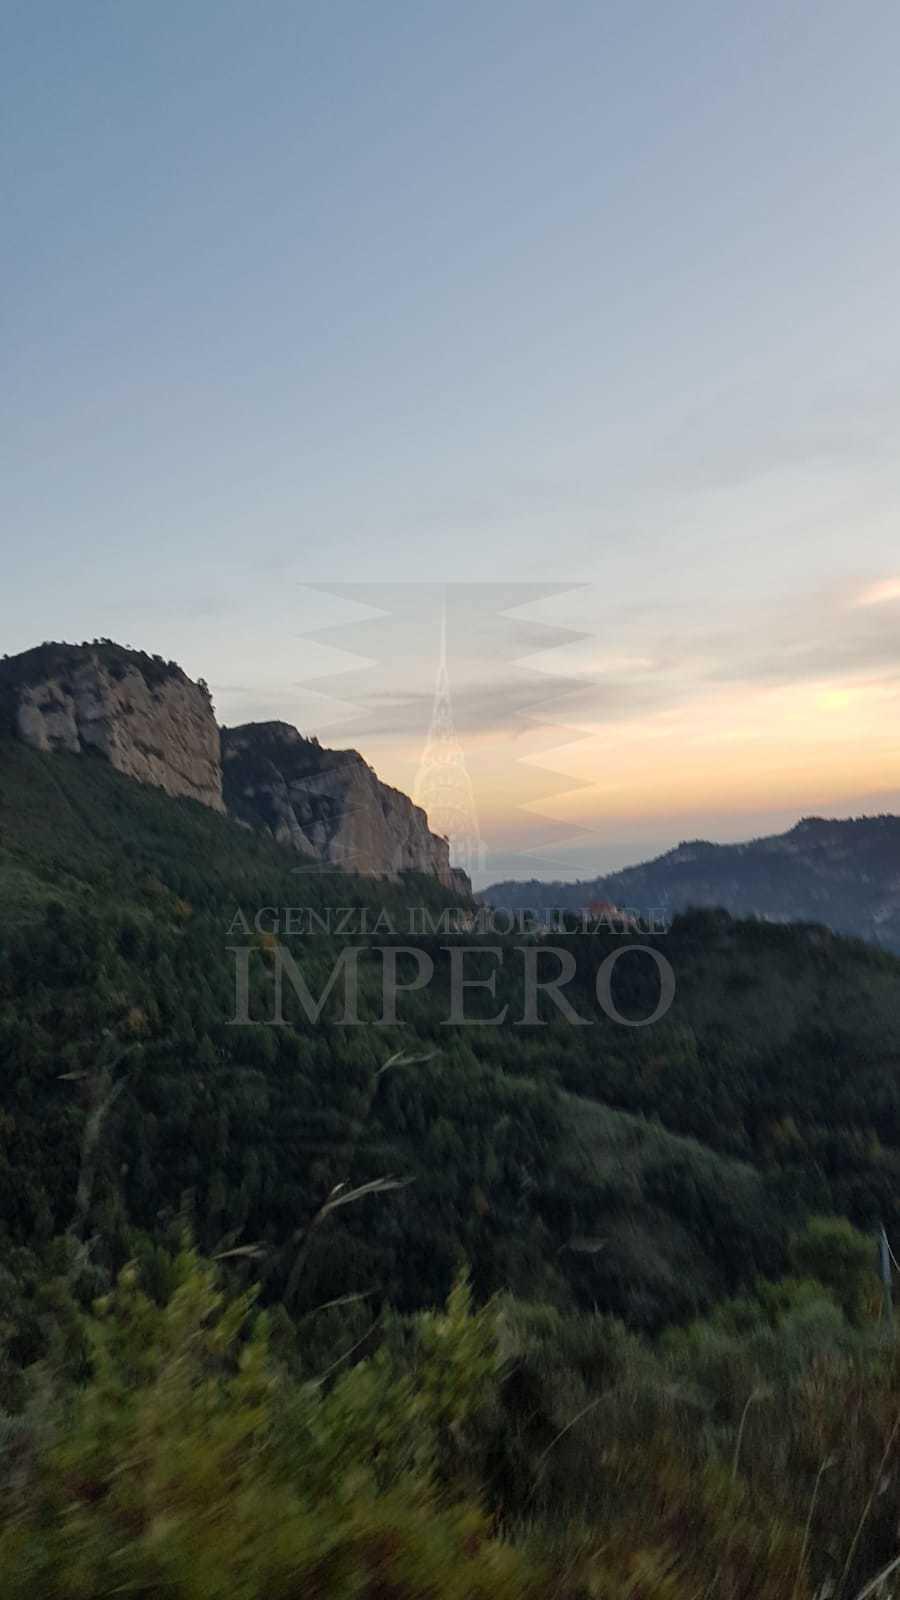 Agricolo, Camporosso